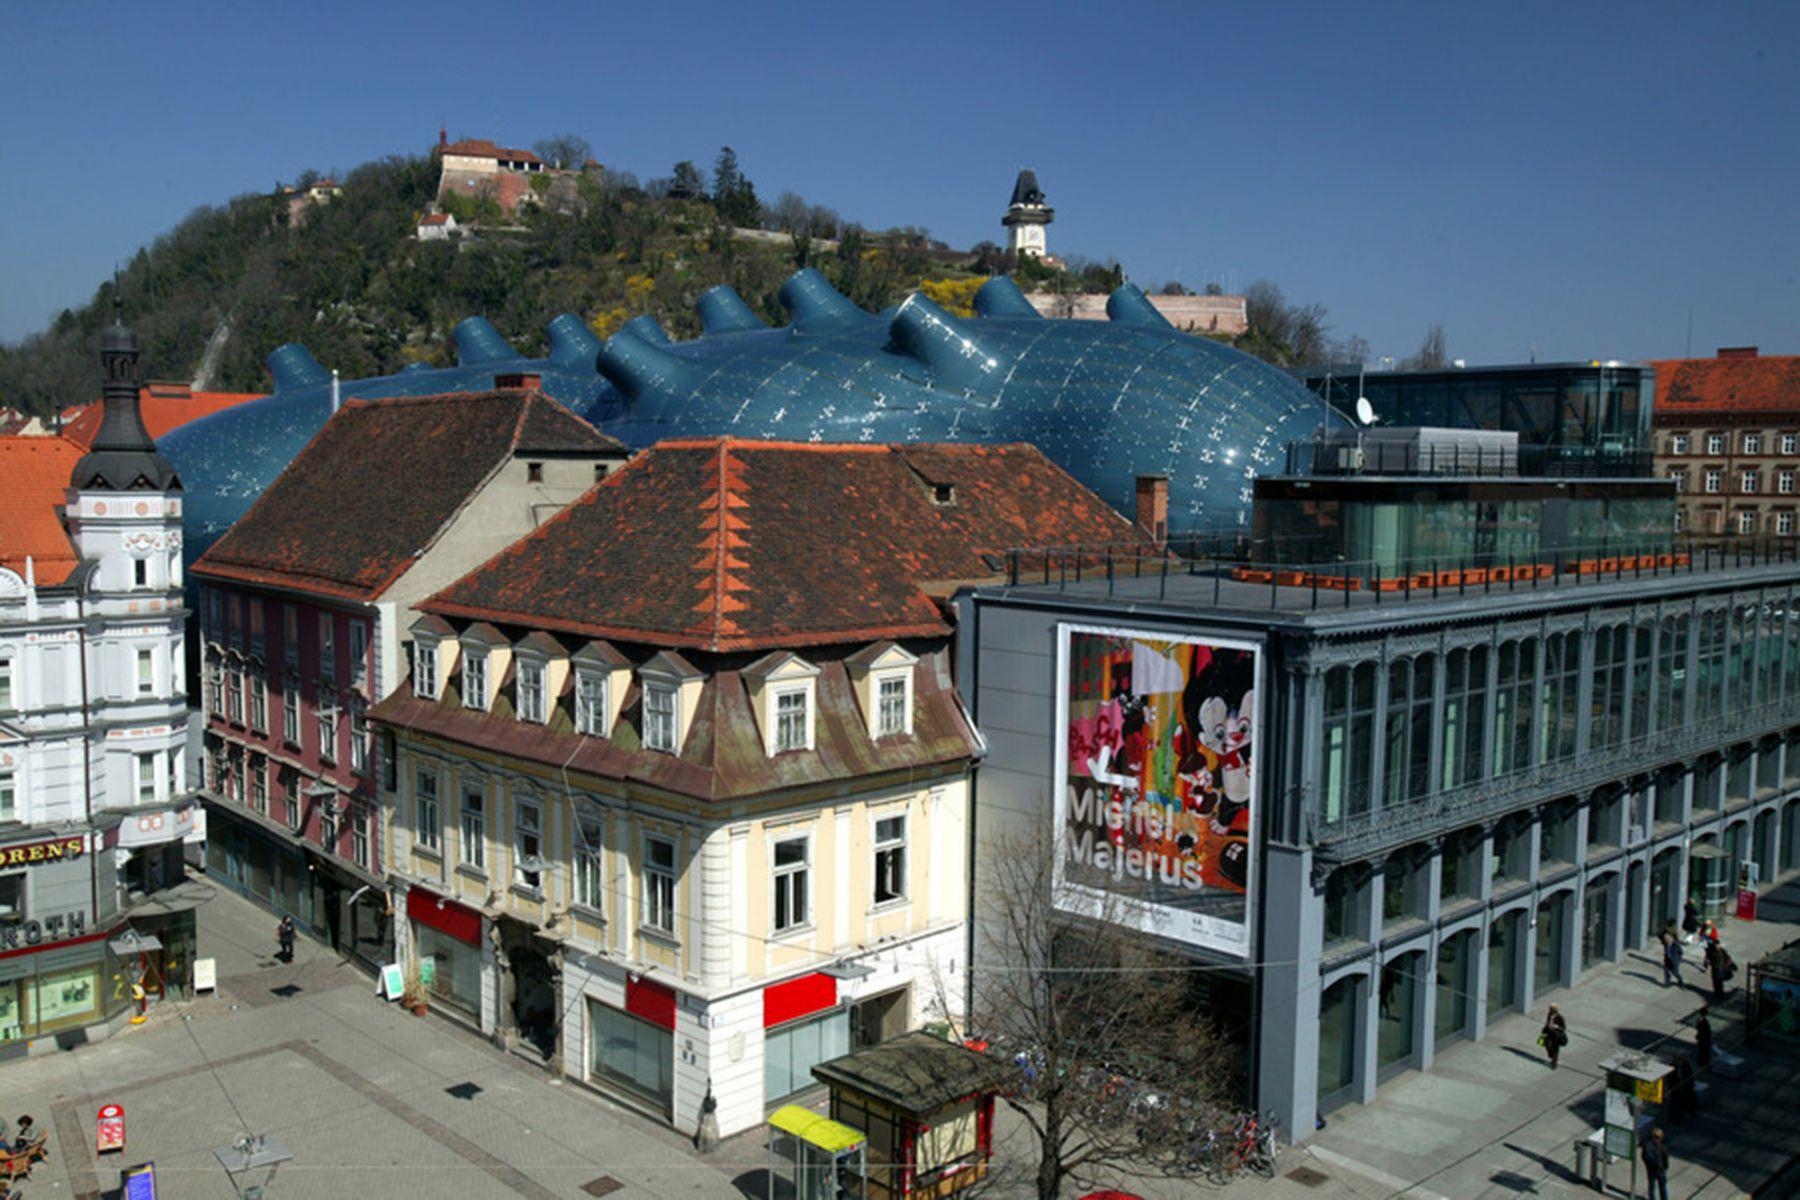 Het dak van het Kunsthaus steekt boven de gebouwen uit | credit: Graz Tourismus - Harry Schiffer